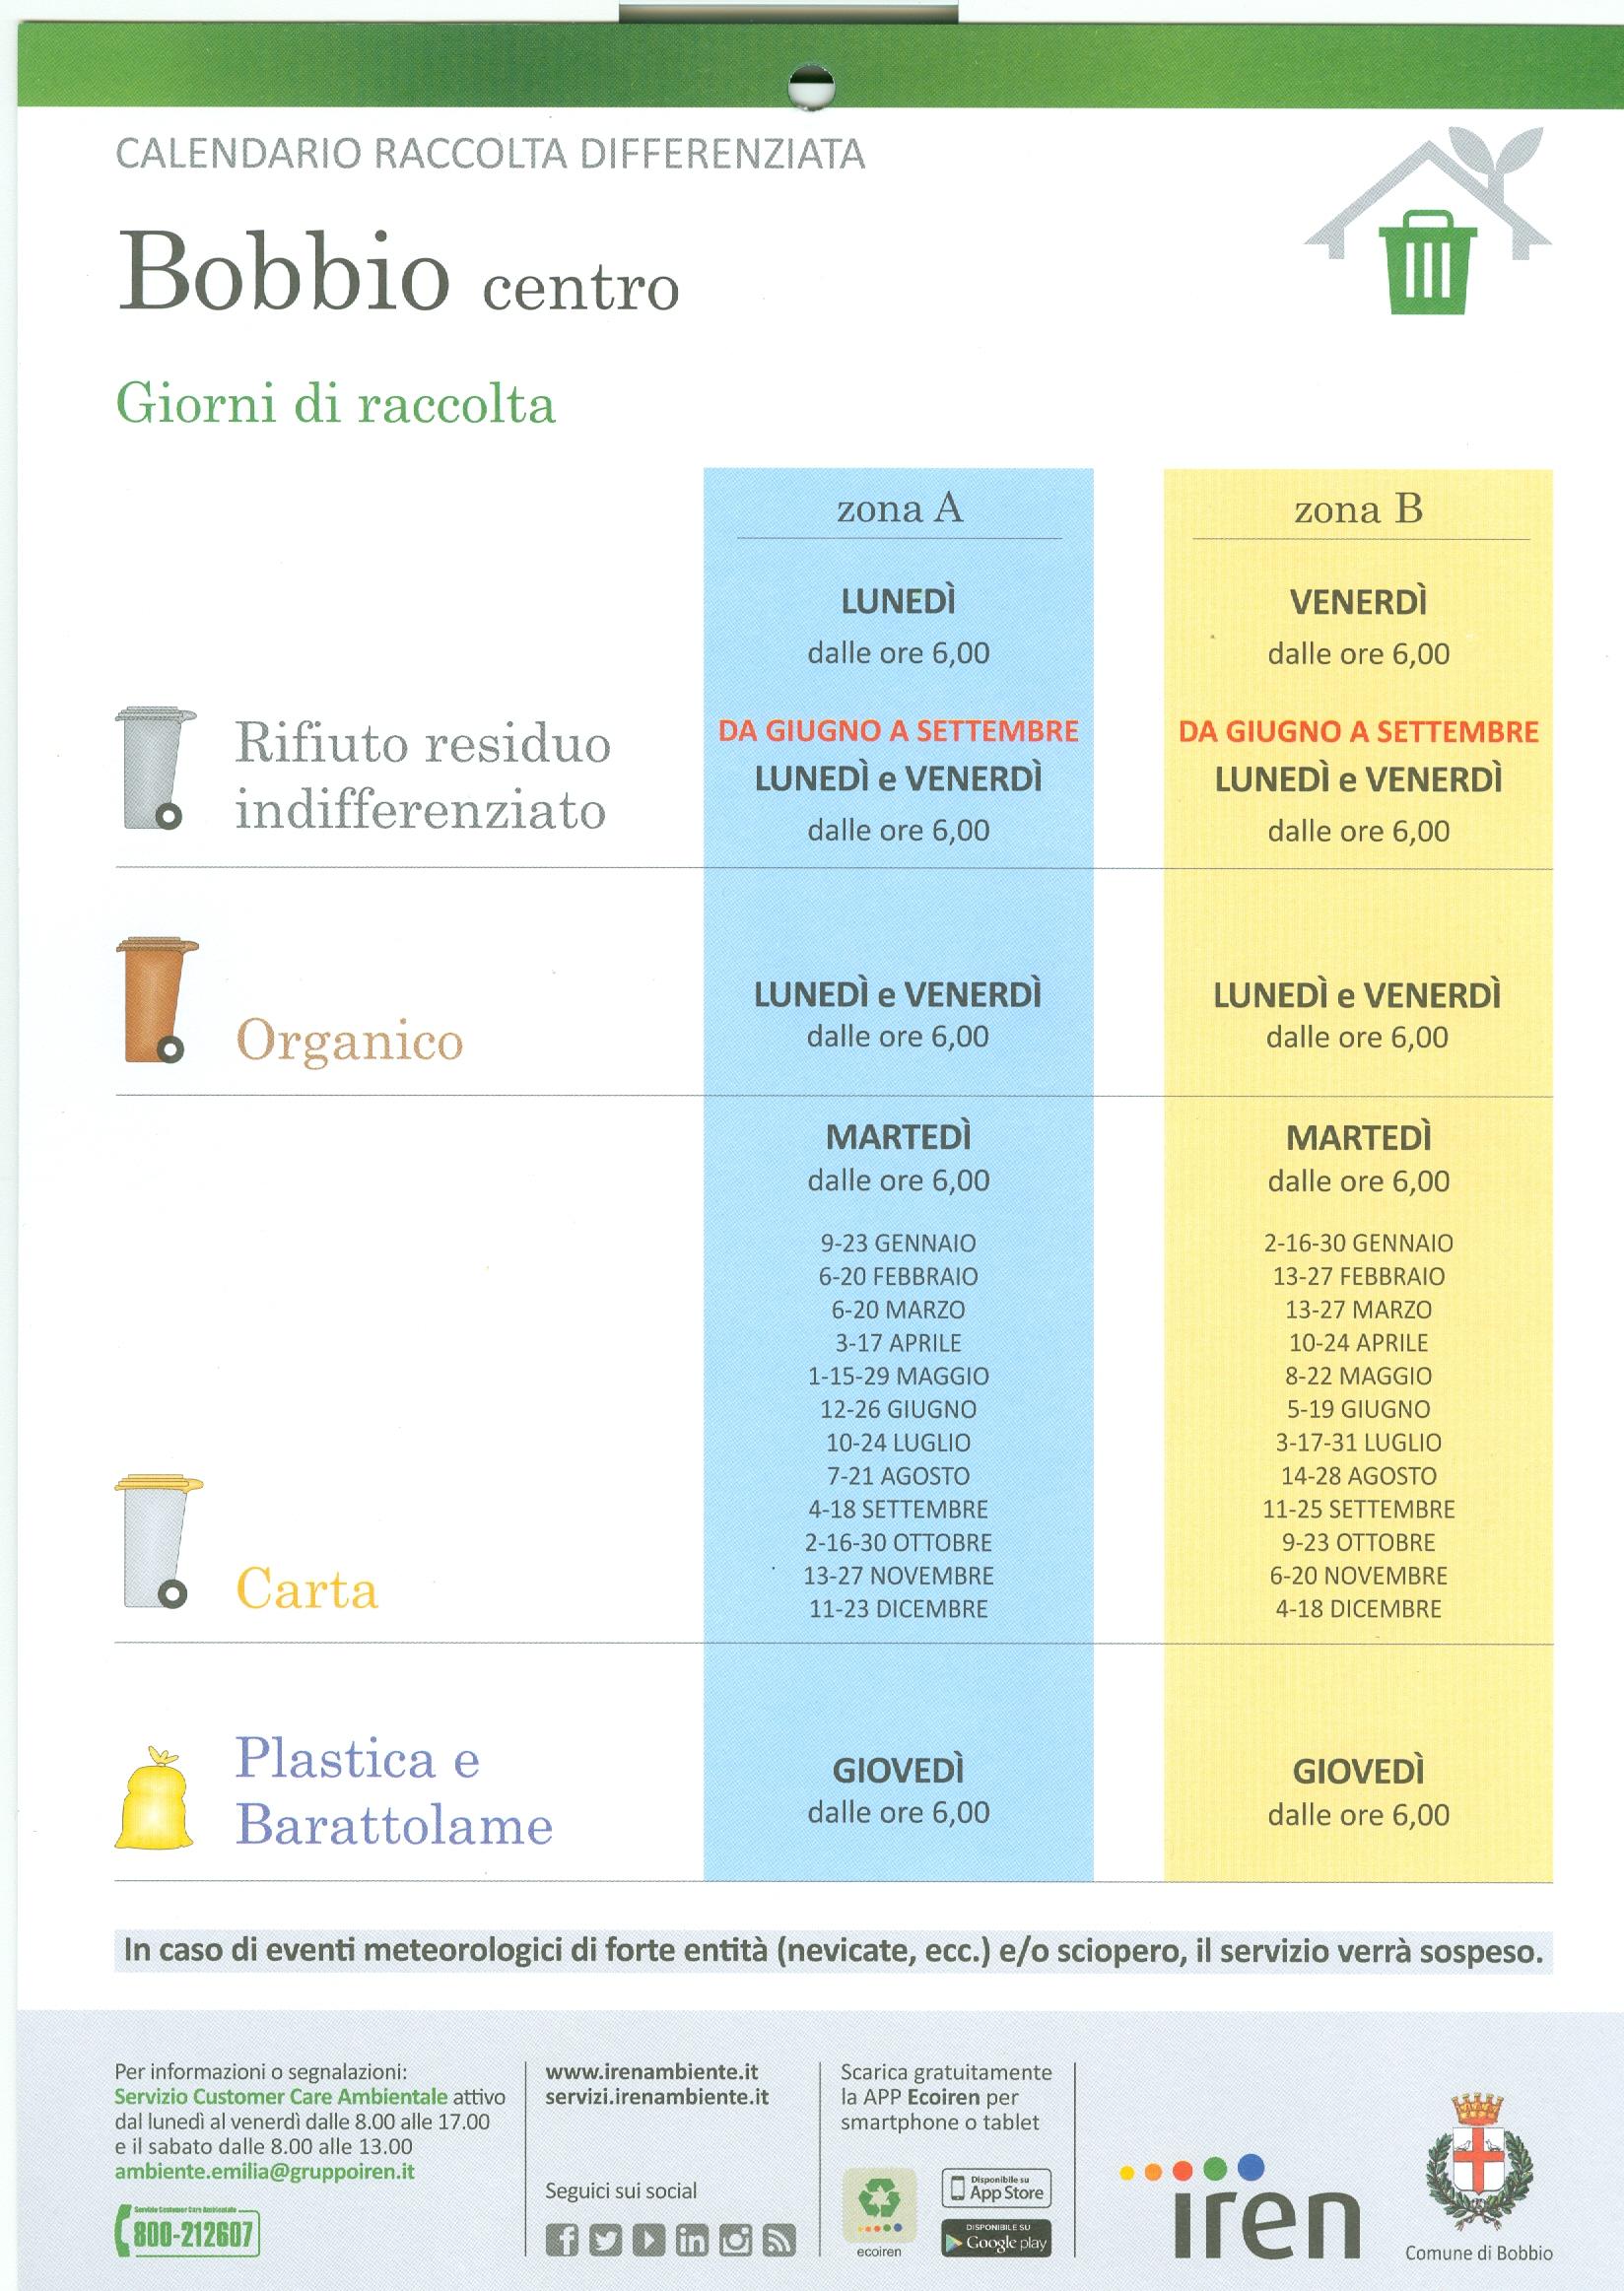 Calendario Raccolta Tartufi Emilia Romagna 2020.Comune Di Bobbio Ricerca